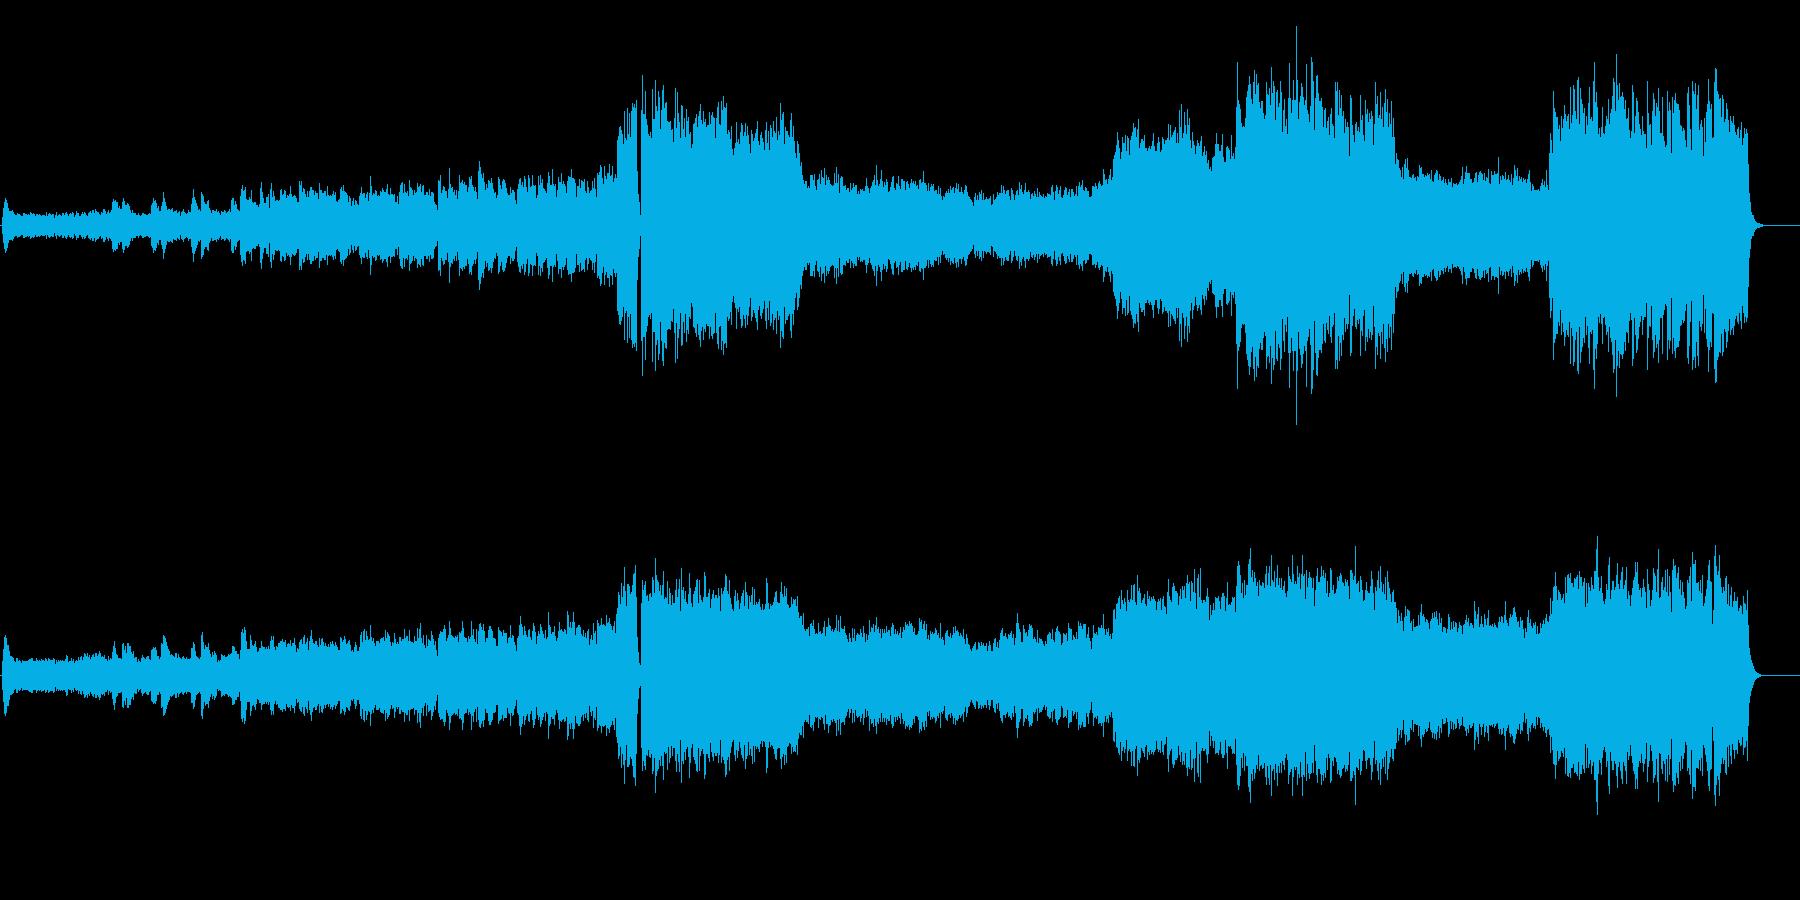 高揚する映画音楽風オーケストラ・サウンドの再生済みの波形